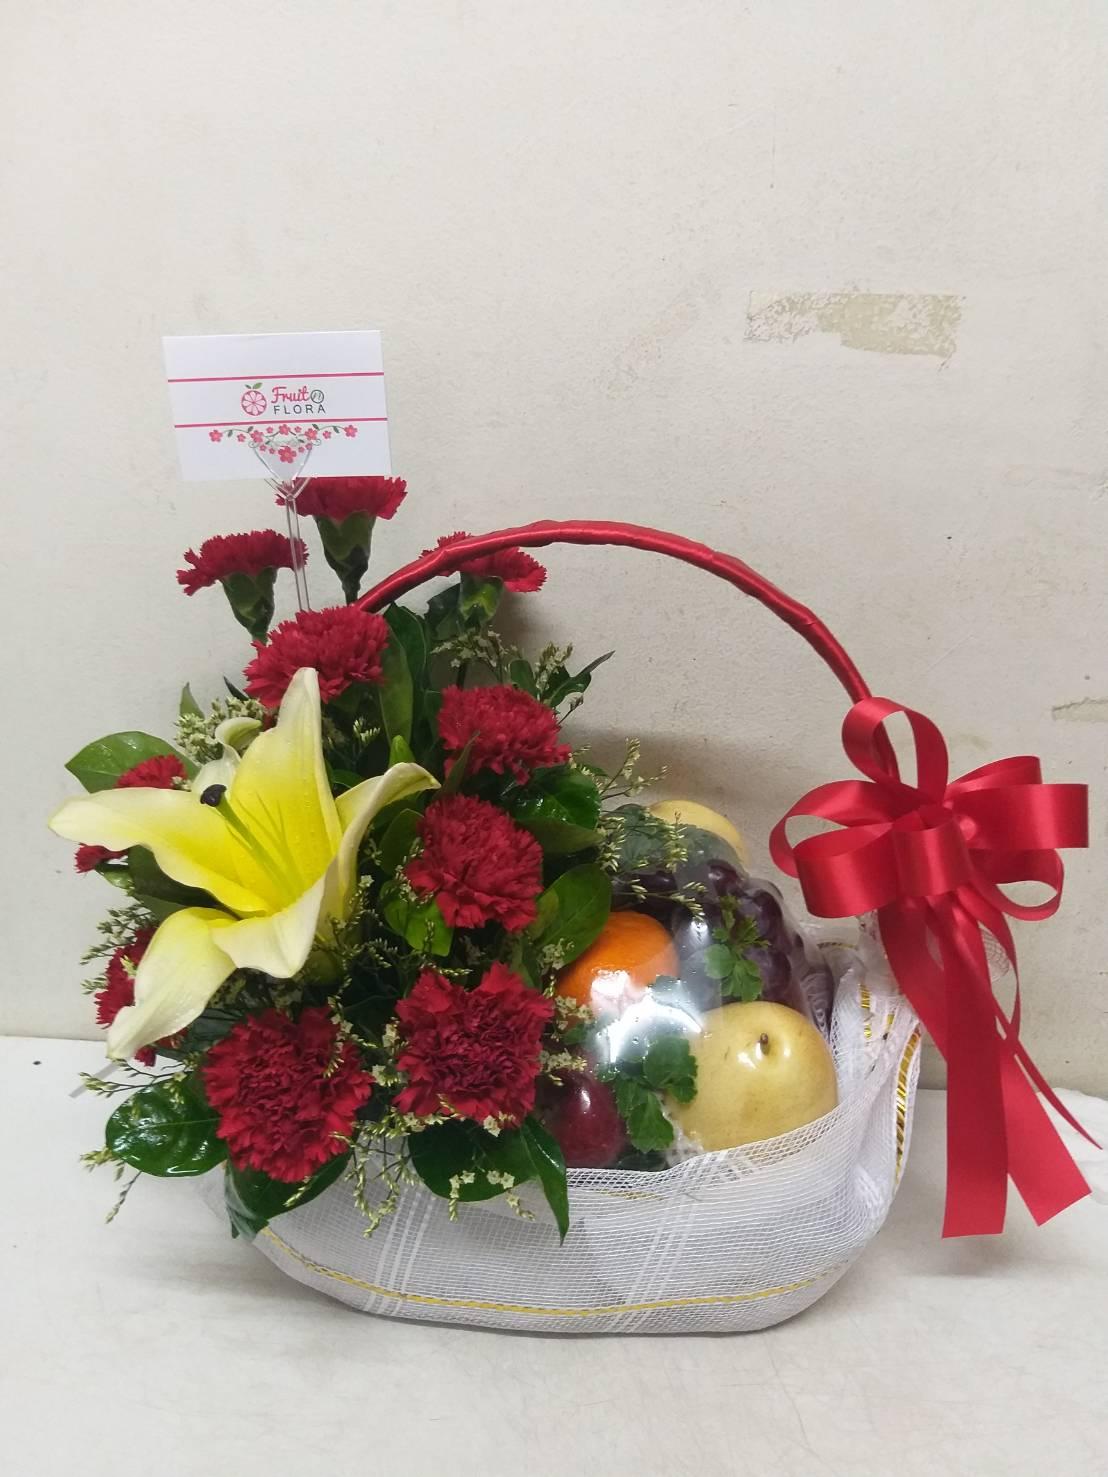 กระเช้าผลไม้ประกอบไปด้วยผลไม้สดตามฤดูกาล โดดเด่นด้วยดอกไม้สีแดงสะดุดตา